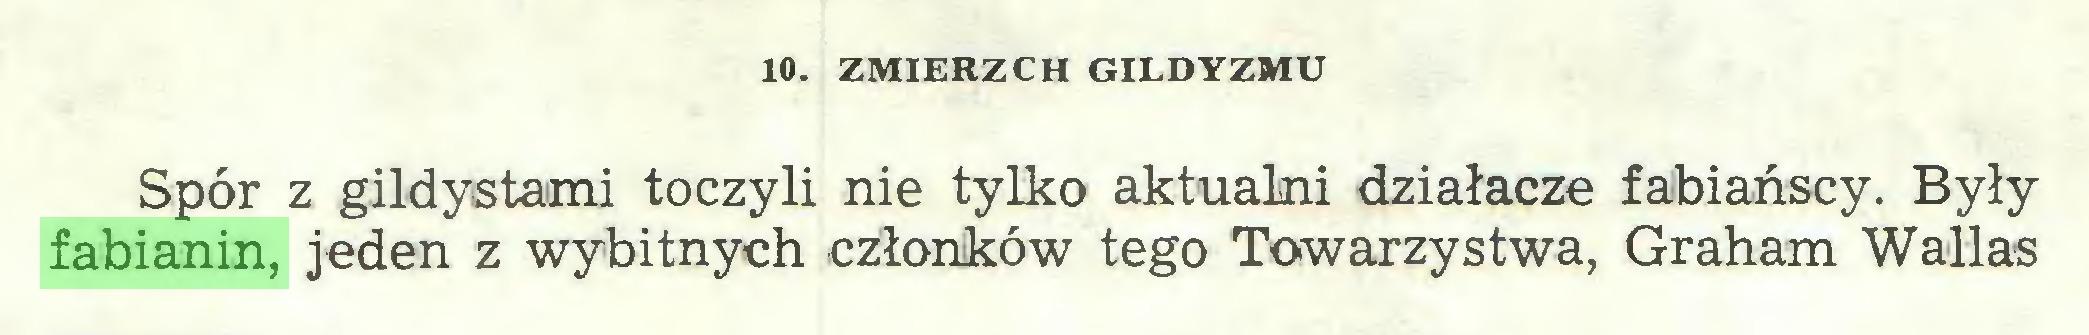 (...) 10. ZMIERZCH GILDYZMU Spór z gildystami toczyli nie tylko aktualni działacze fabiańscy. Były fabianin, jeden z wybitnych członków tego Towarzystwa, Graham Wallas...